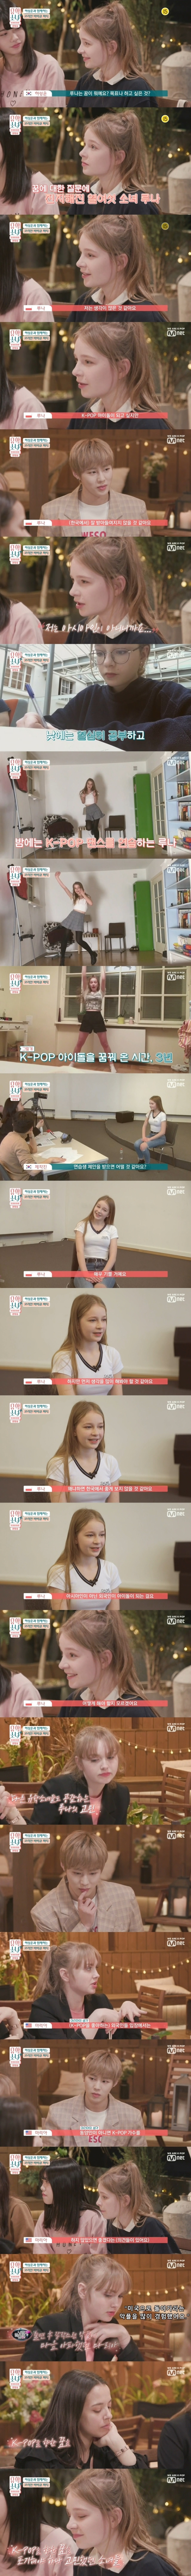 K-POP 아이돌을 꿈꾸는 외국인 소녀들